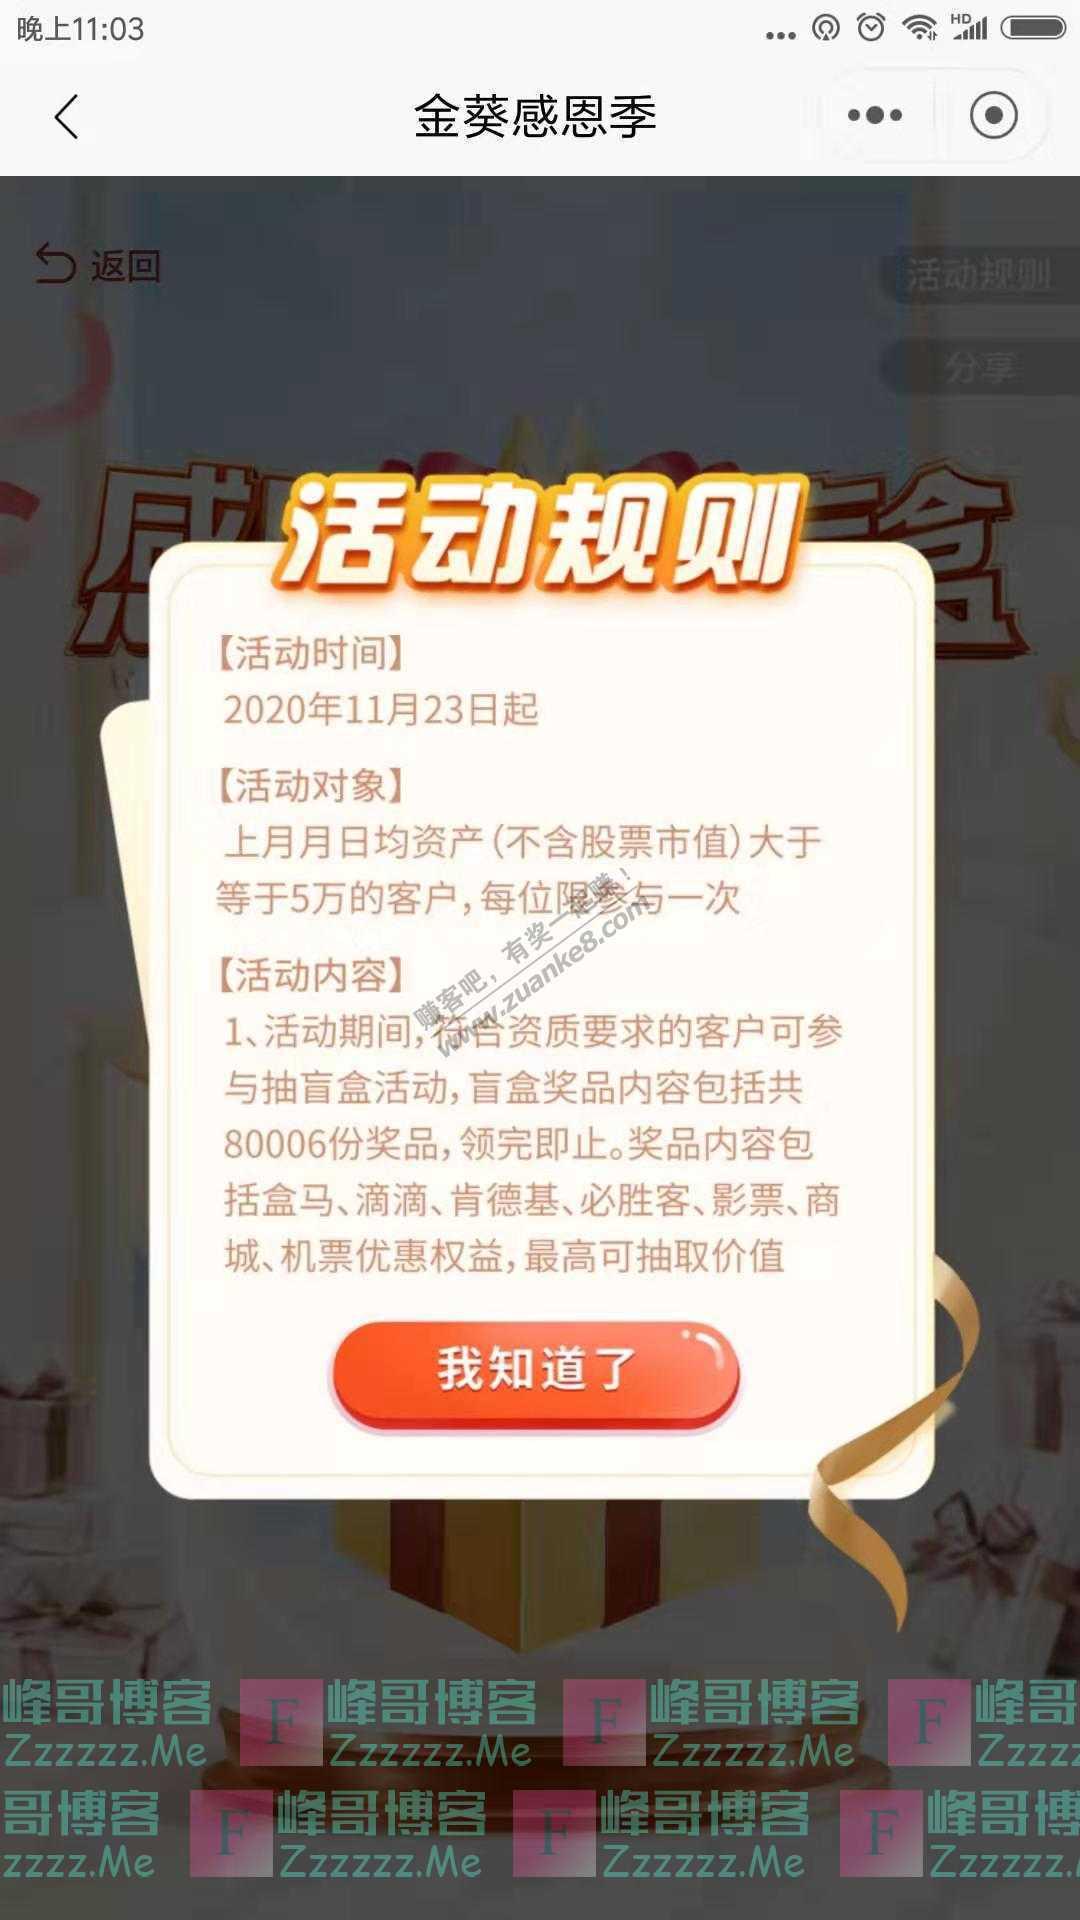 招商银行app感恩季金喜盲盒(截止不详)